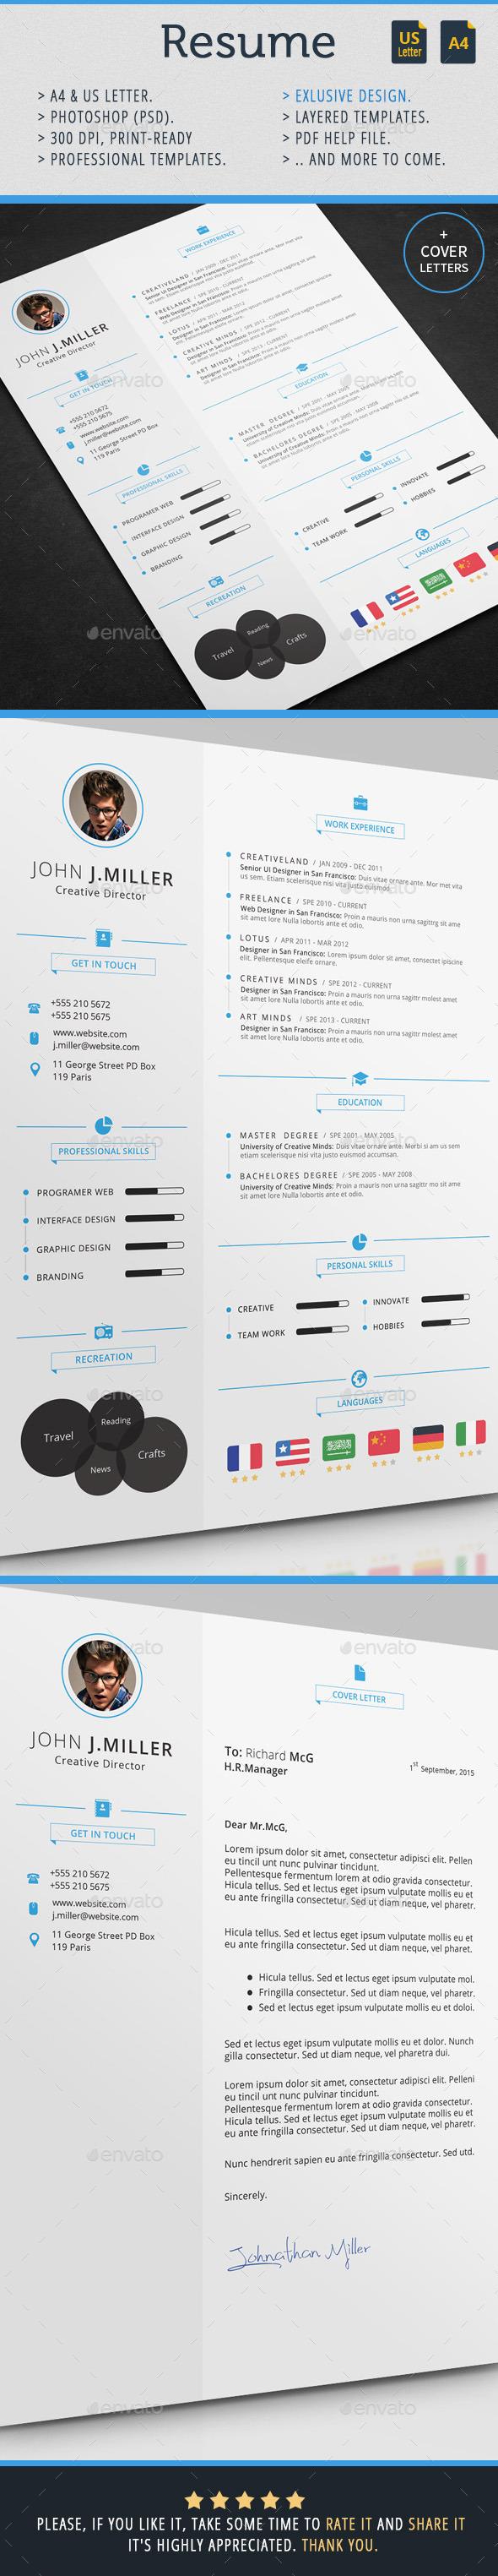 GraphicRiver Resume 11275592